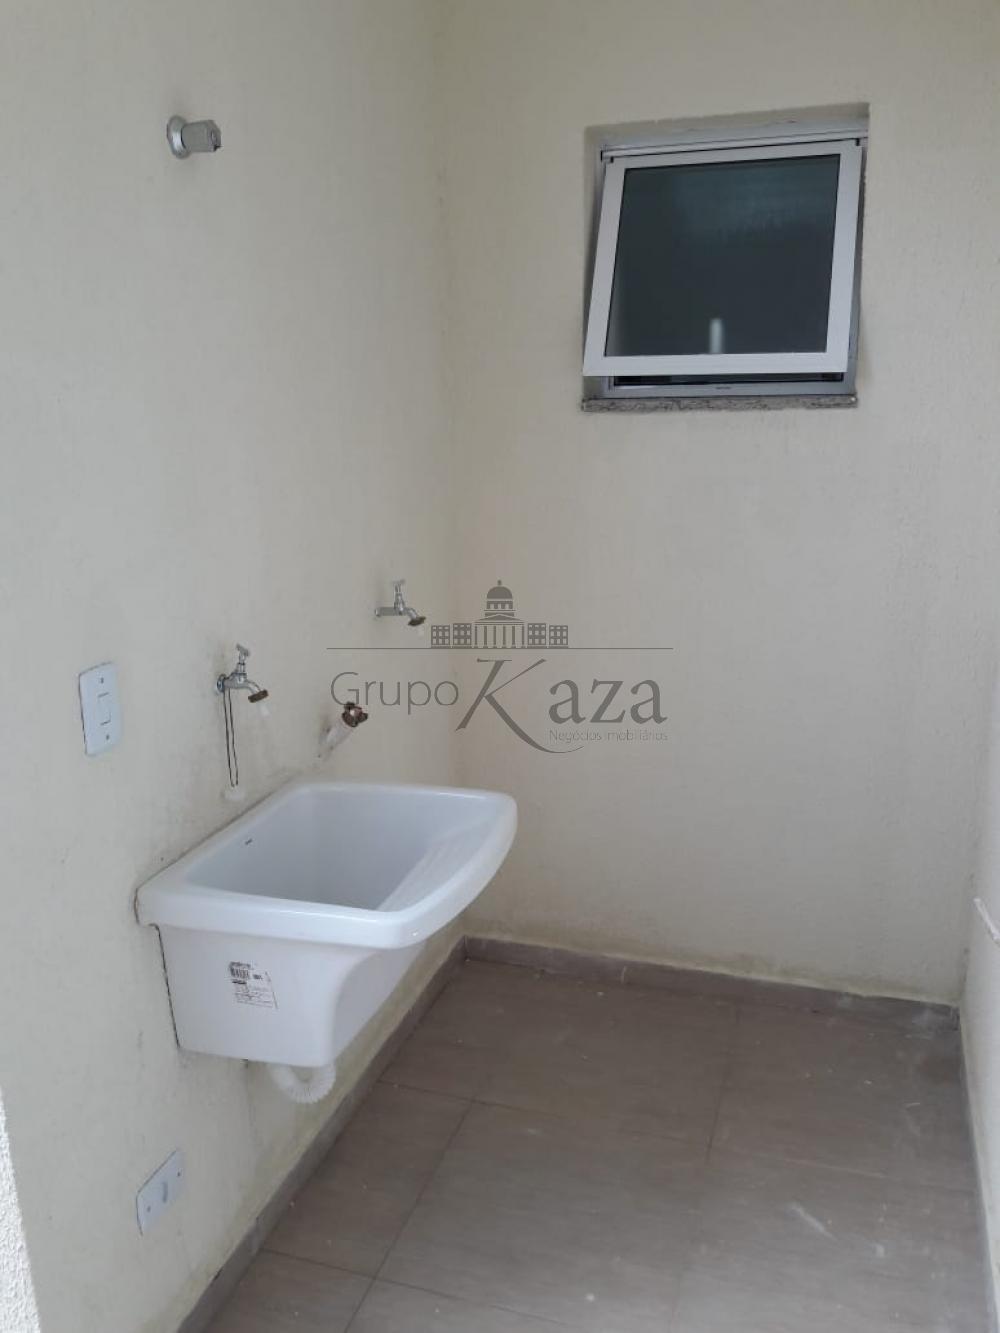 Comprar Casa / Padrão em São José dos Campos apenas R$ 270.000,00 - Foto 29